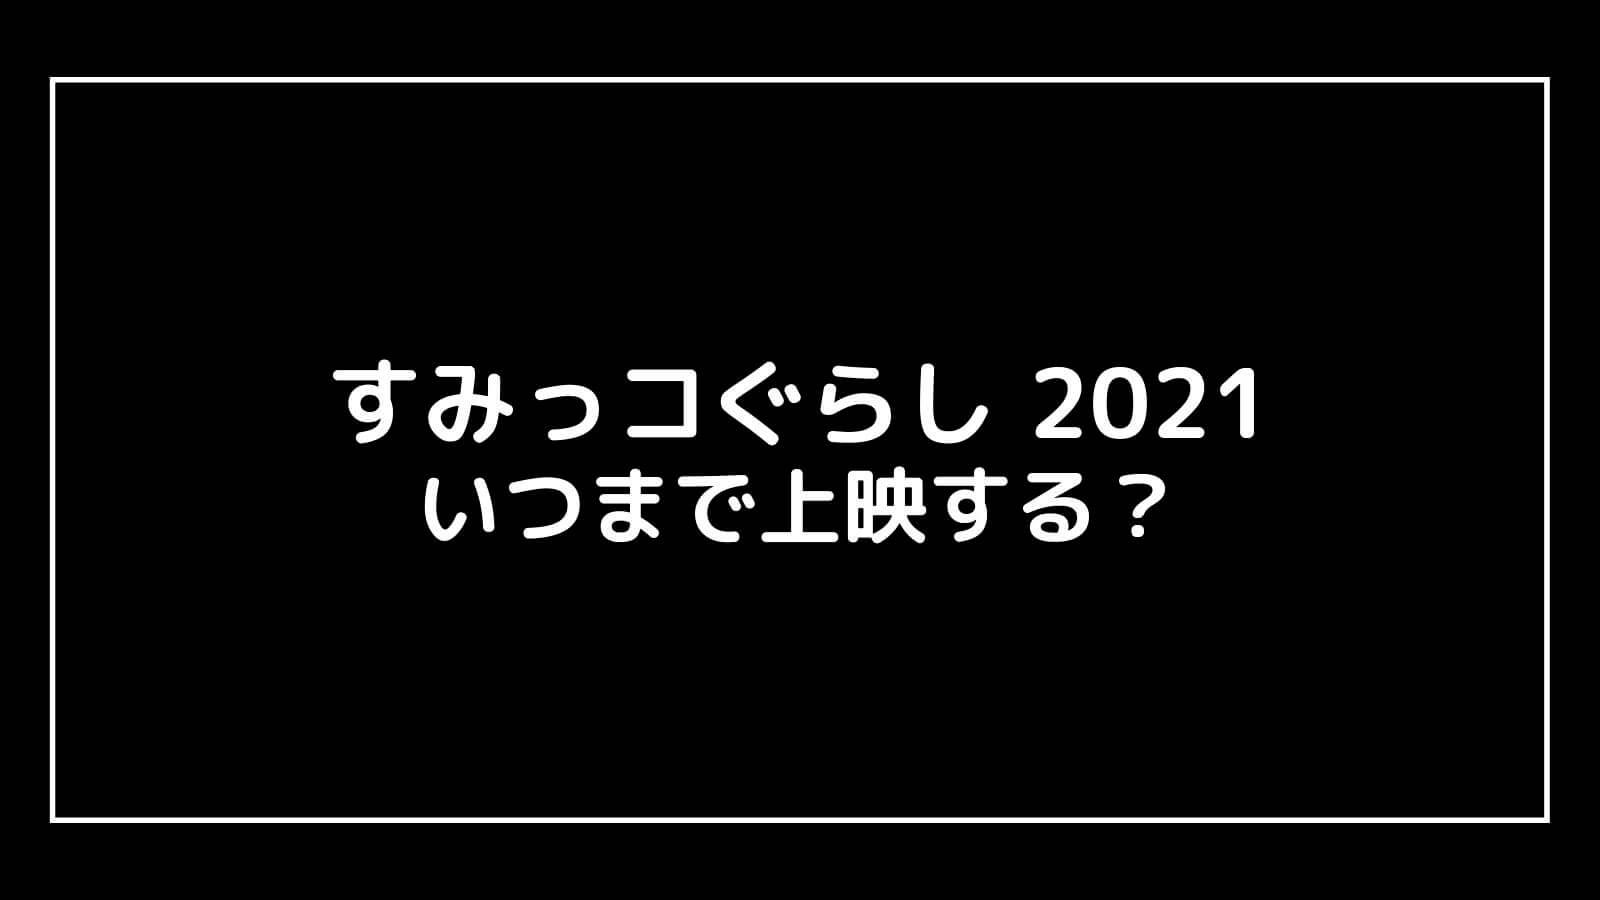 映画『すみっコぐらし2021』はいつまで上映するのか元映画館社員が予想!【⻘い月夜のまほうのコ】